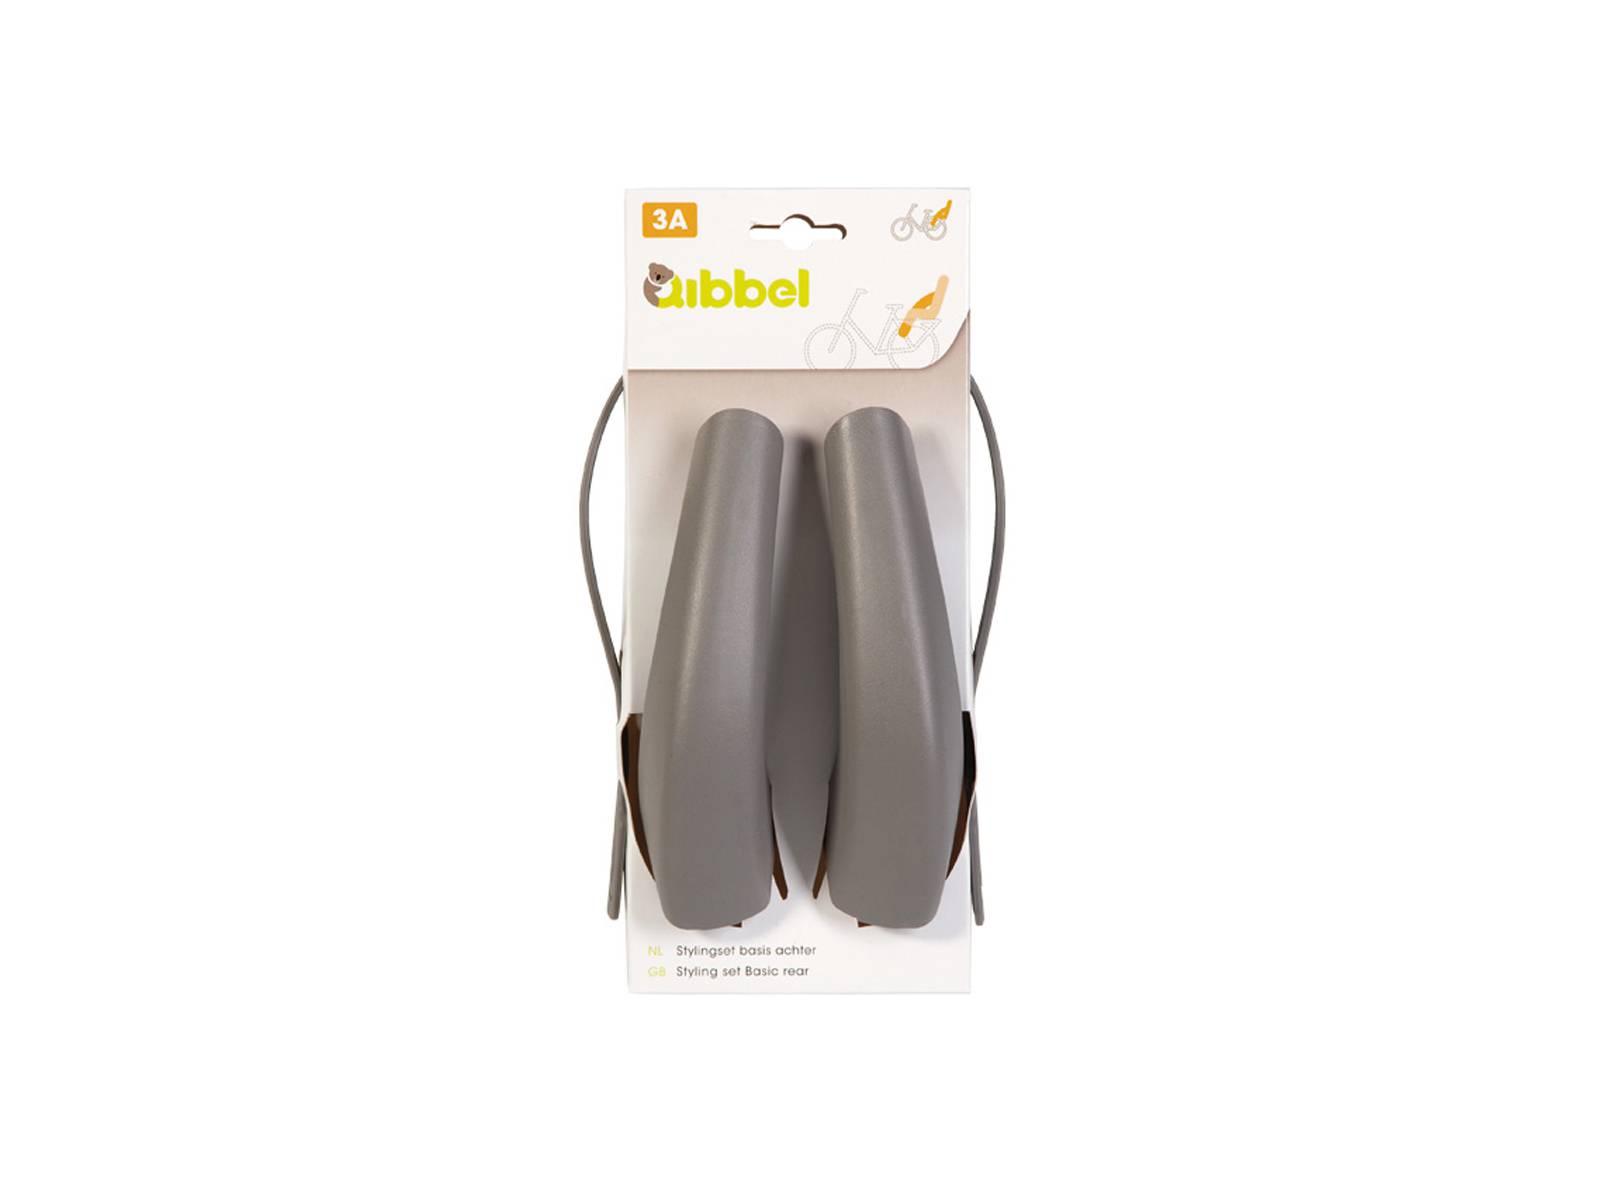 Qibbel styling set basic gris